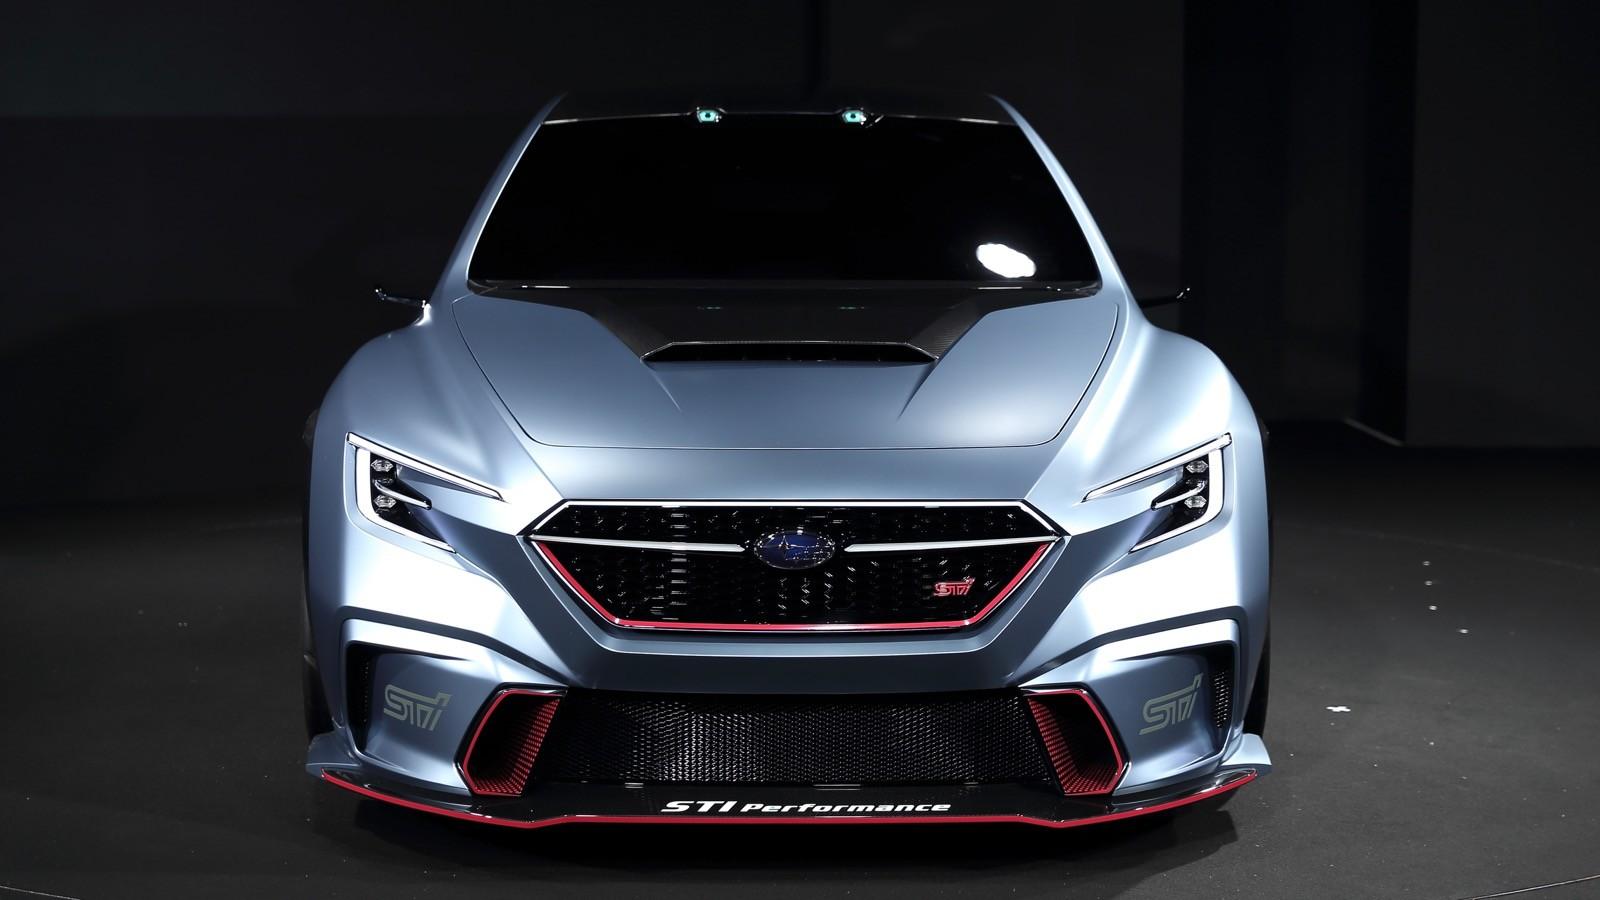 Foto de Subaru Viviz Performance STi 2018 (3/10)